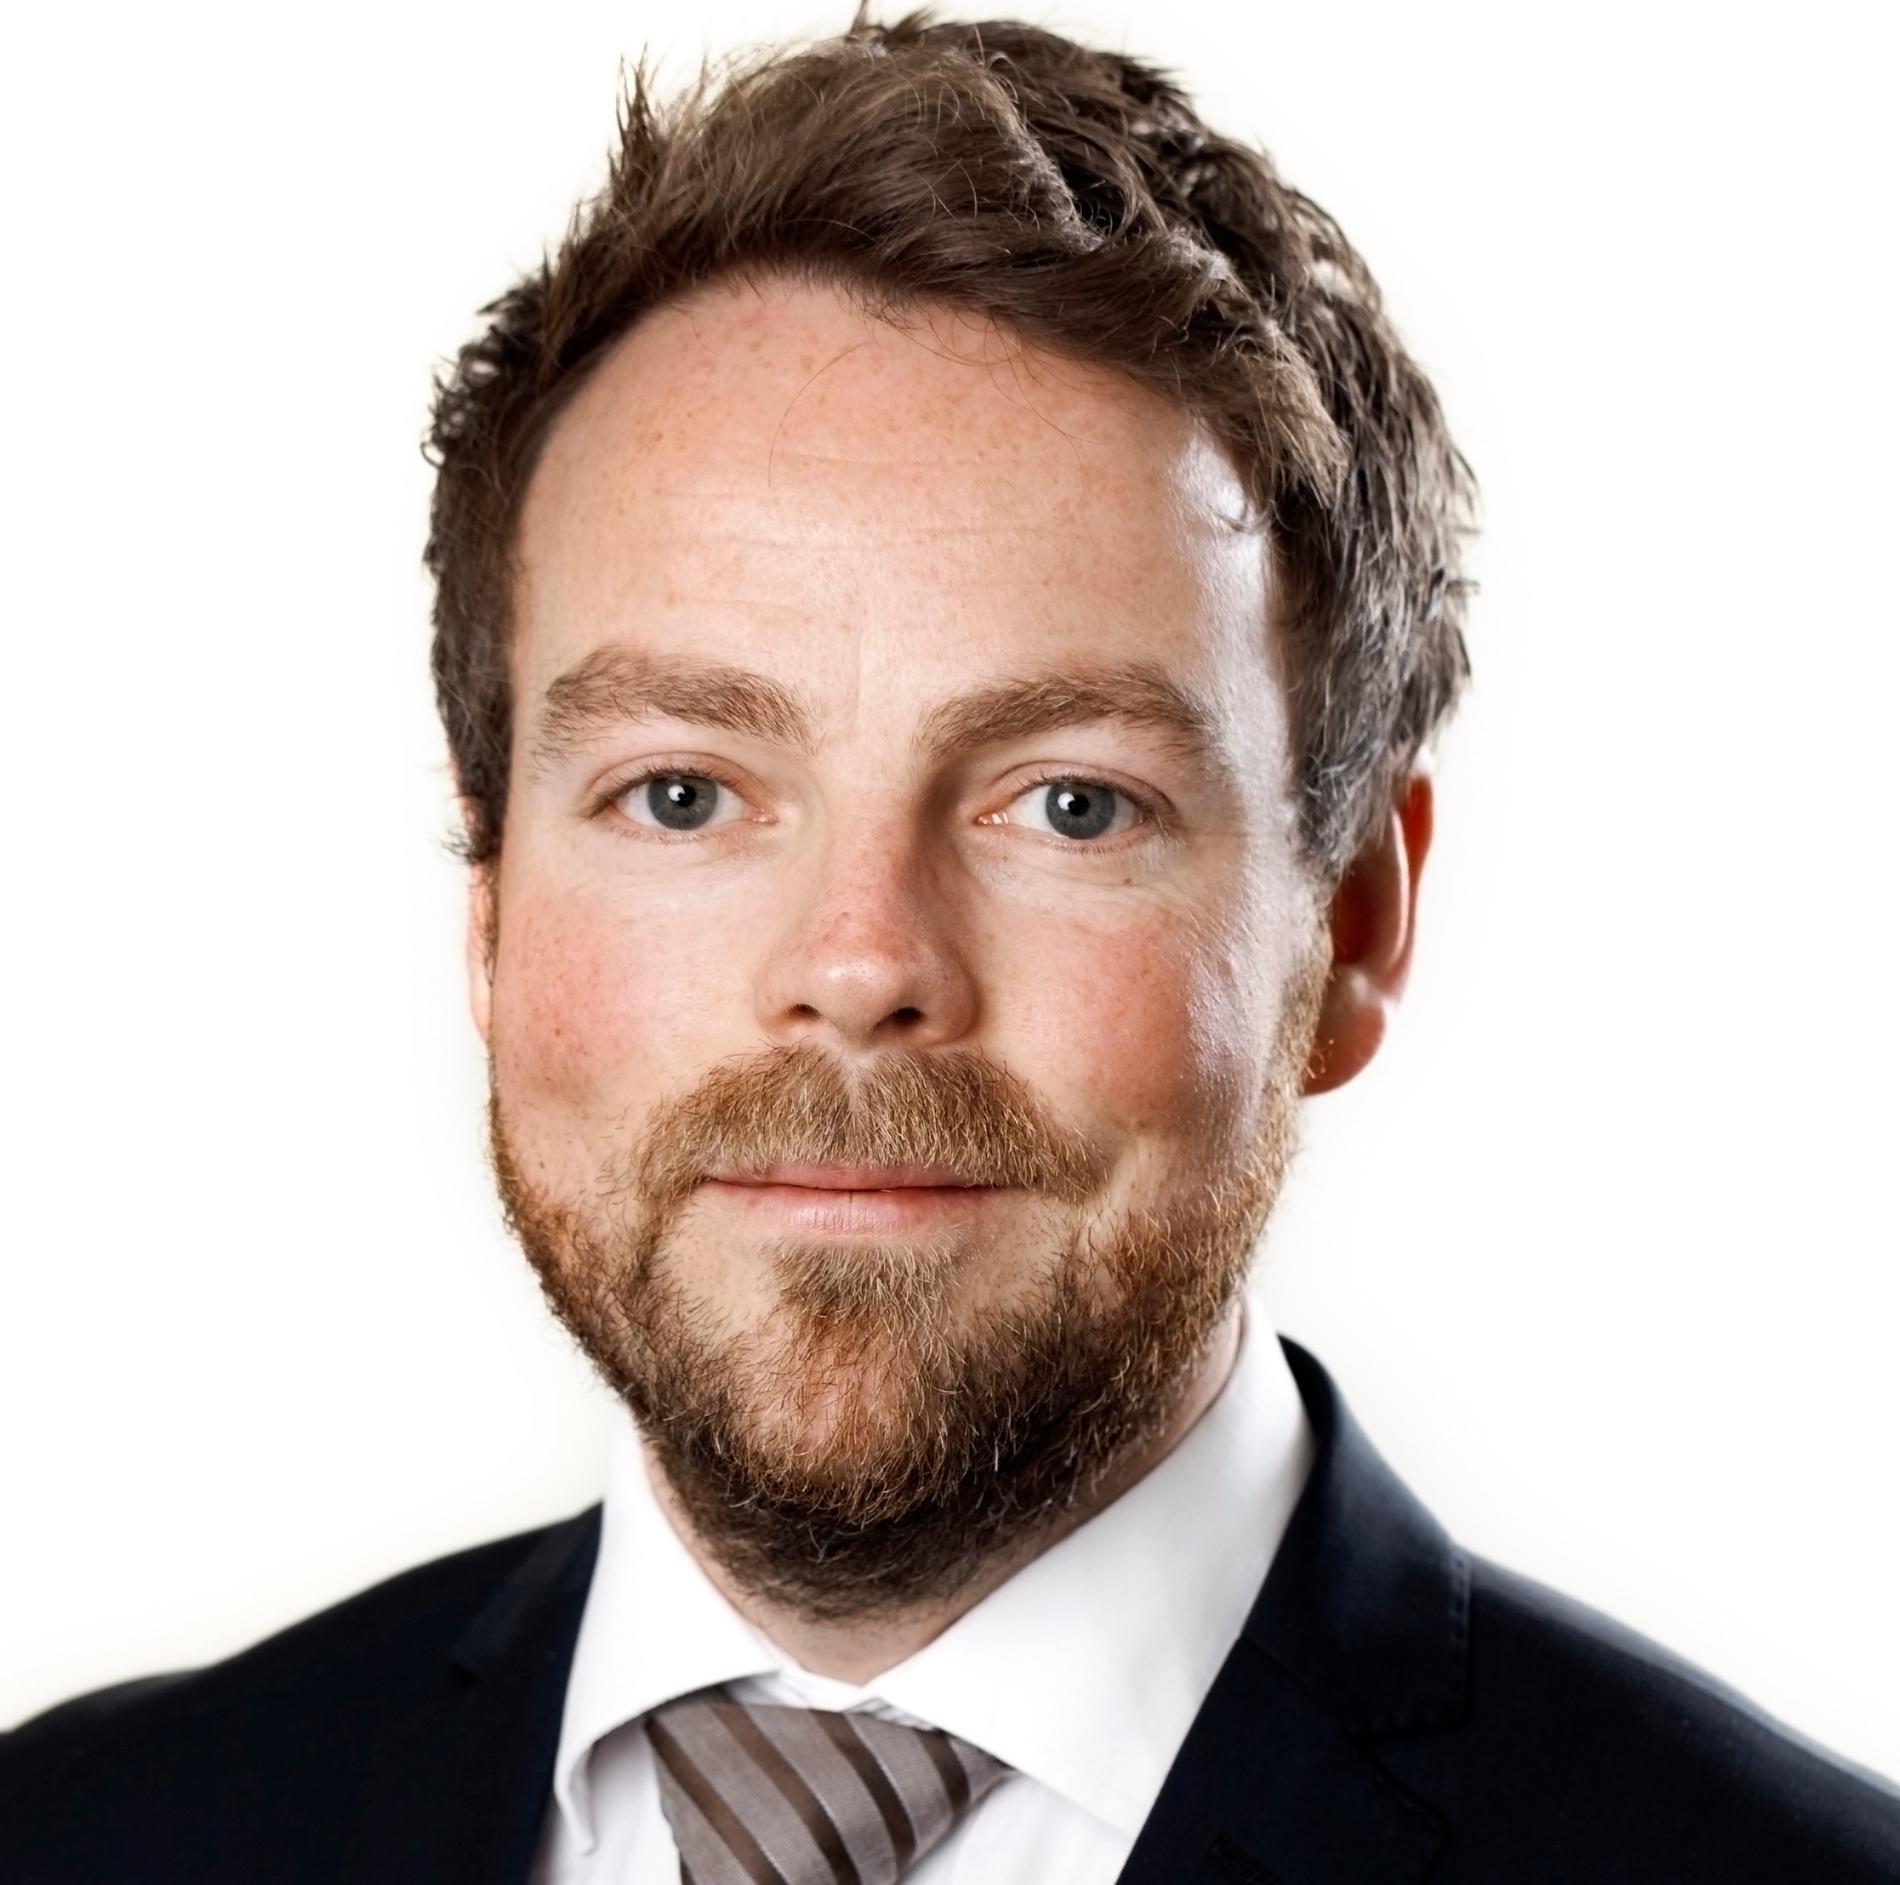 Torbjørn Røe Isaksen